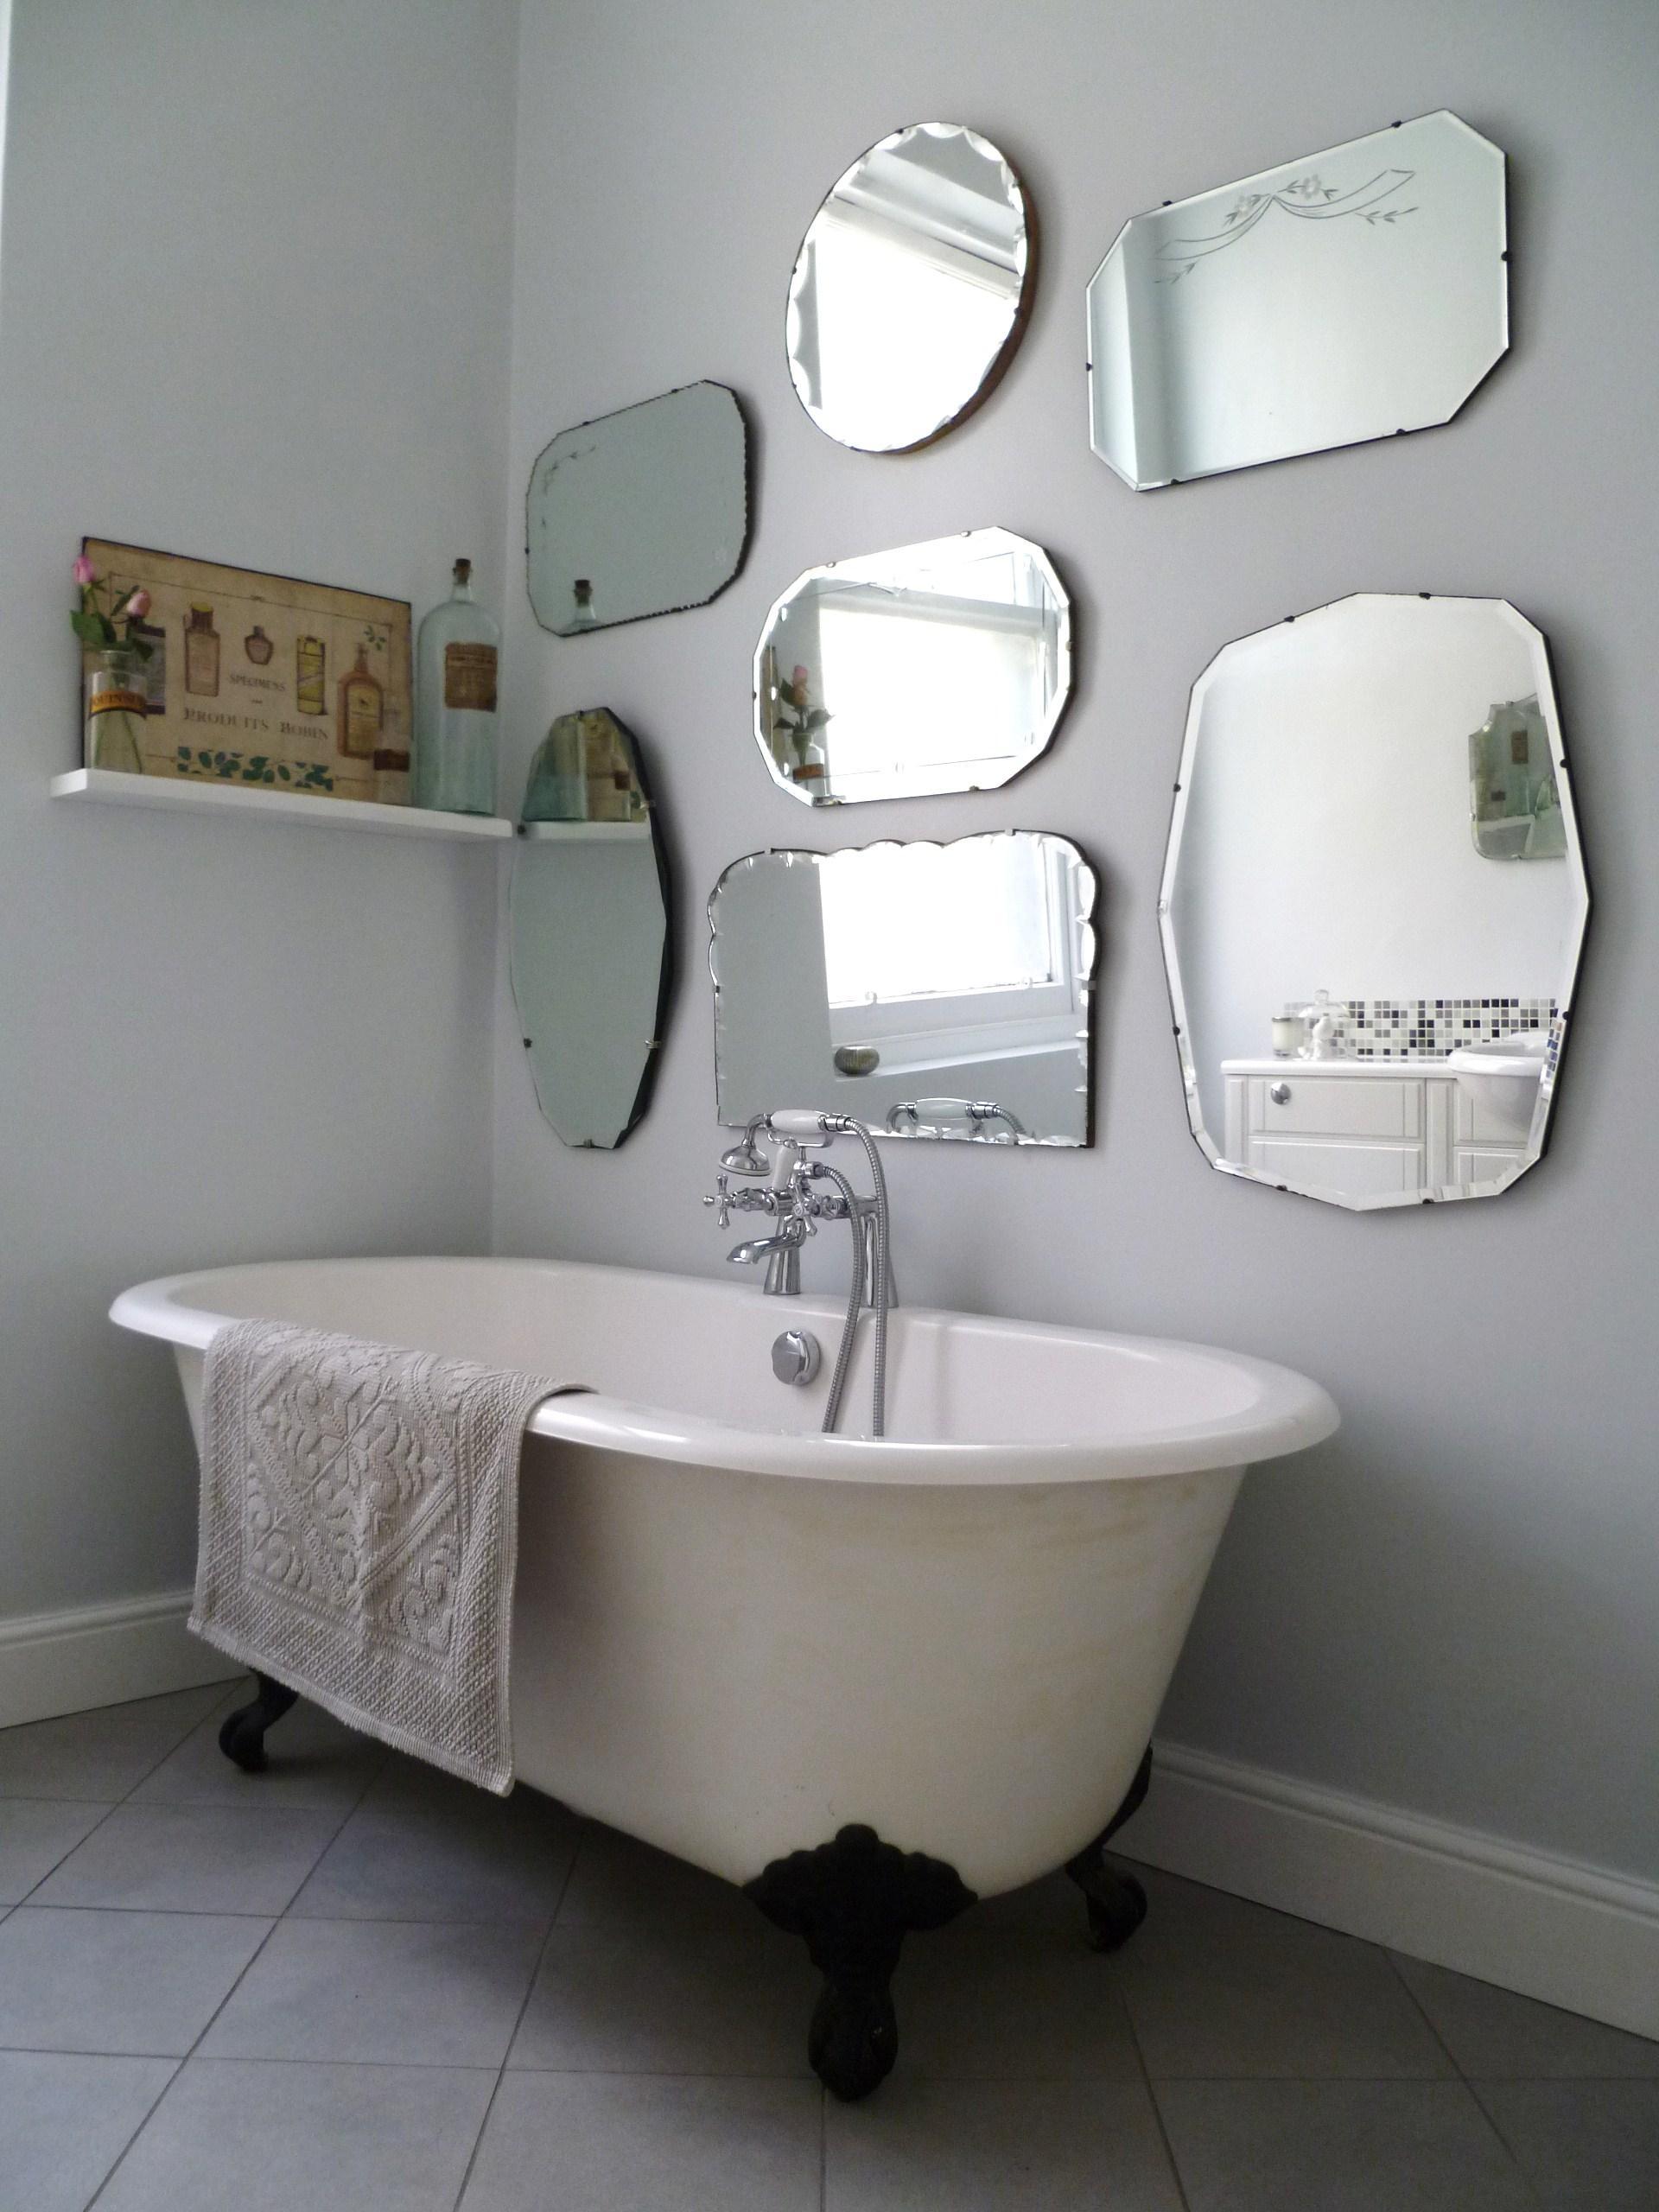 Retro Bathroom Mirror – D Y R O N With Regard To Retro Bathroom Mirror (Image 16 of 20)